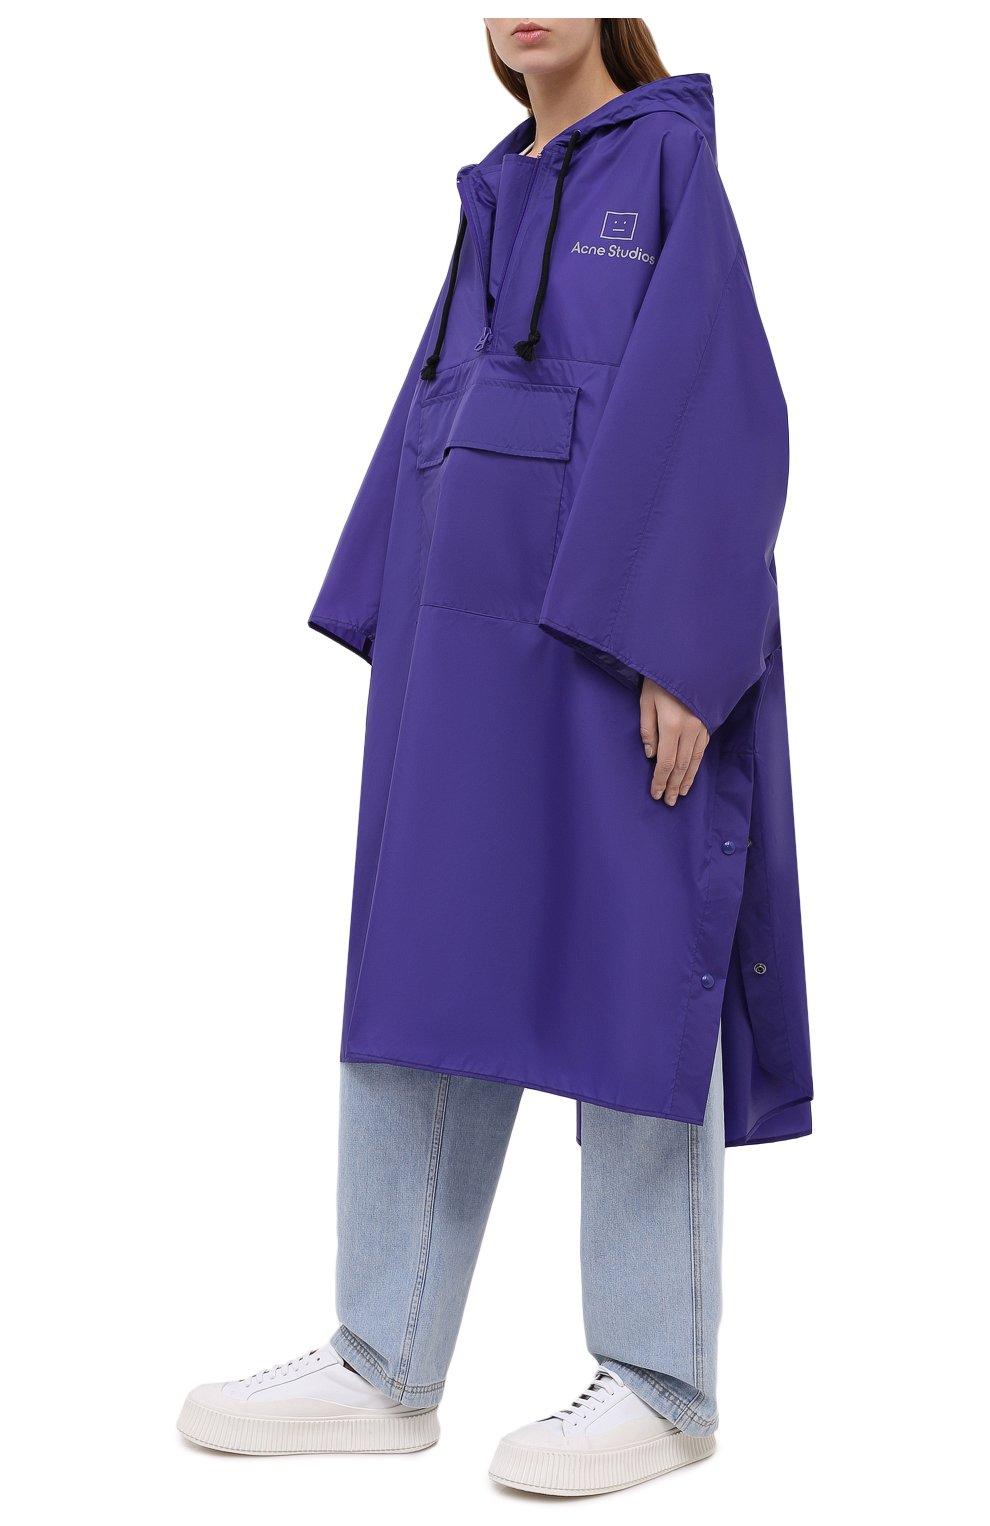 Женский плащ ACNE STUDIOS фиолетового цвета, арт. C90036/W | Фото 2